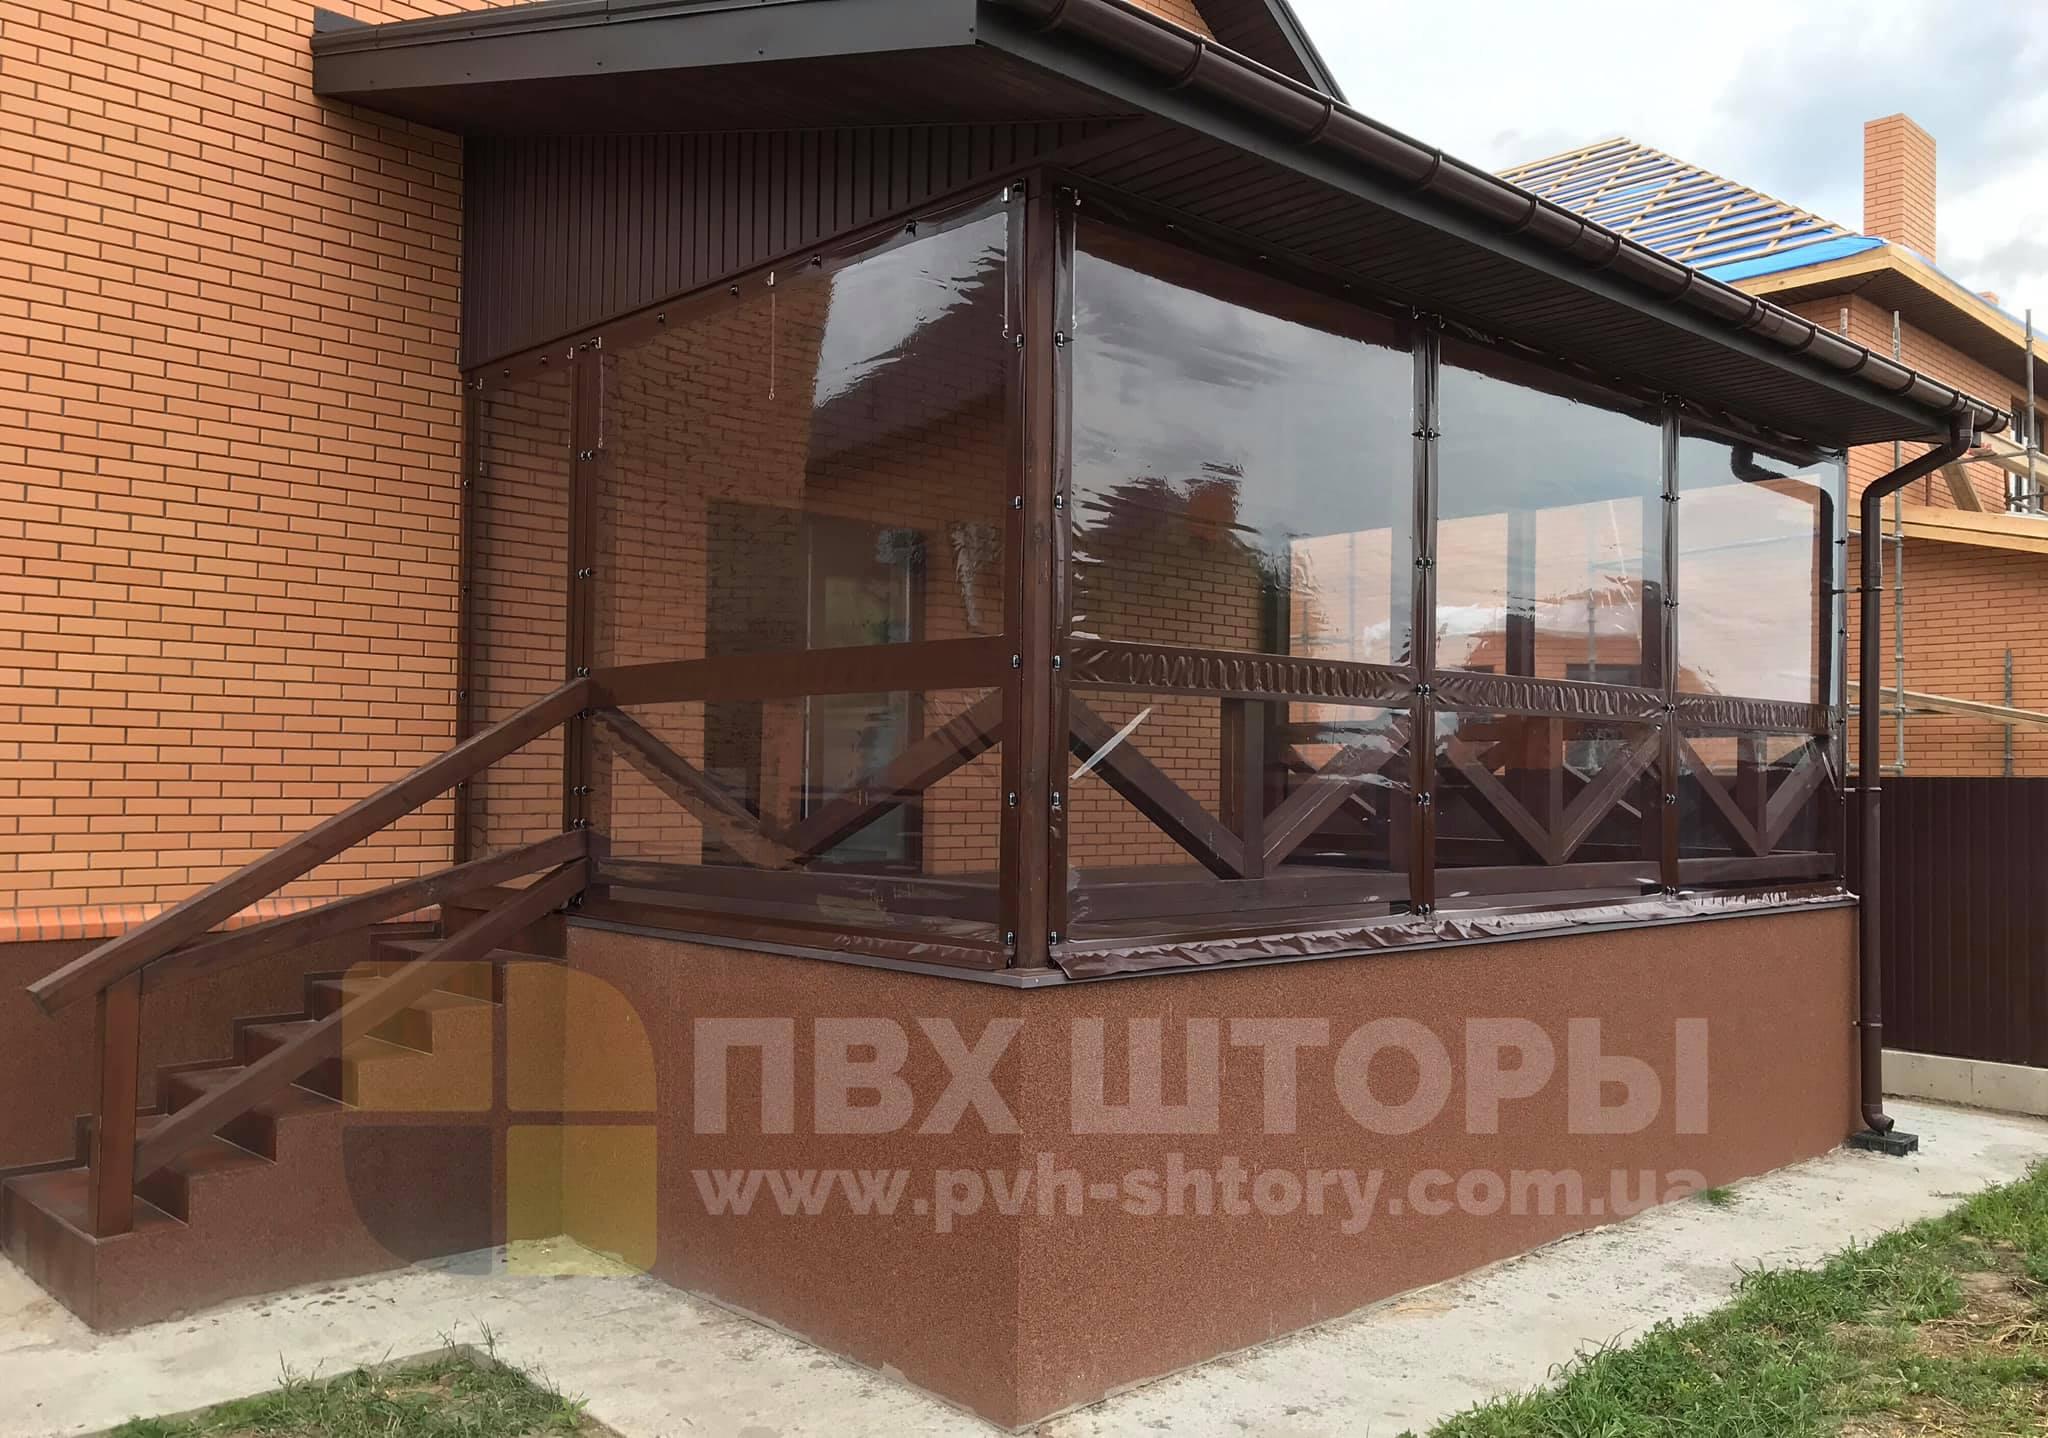 ПВХ шторы для веранды в Снигиревке